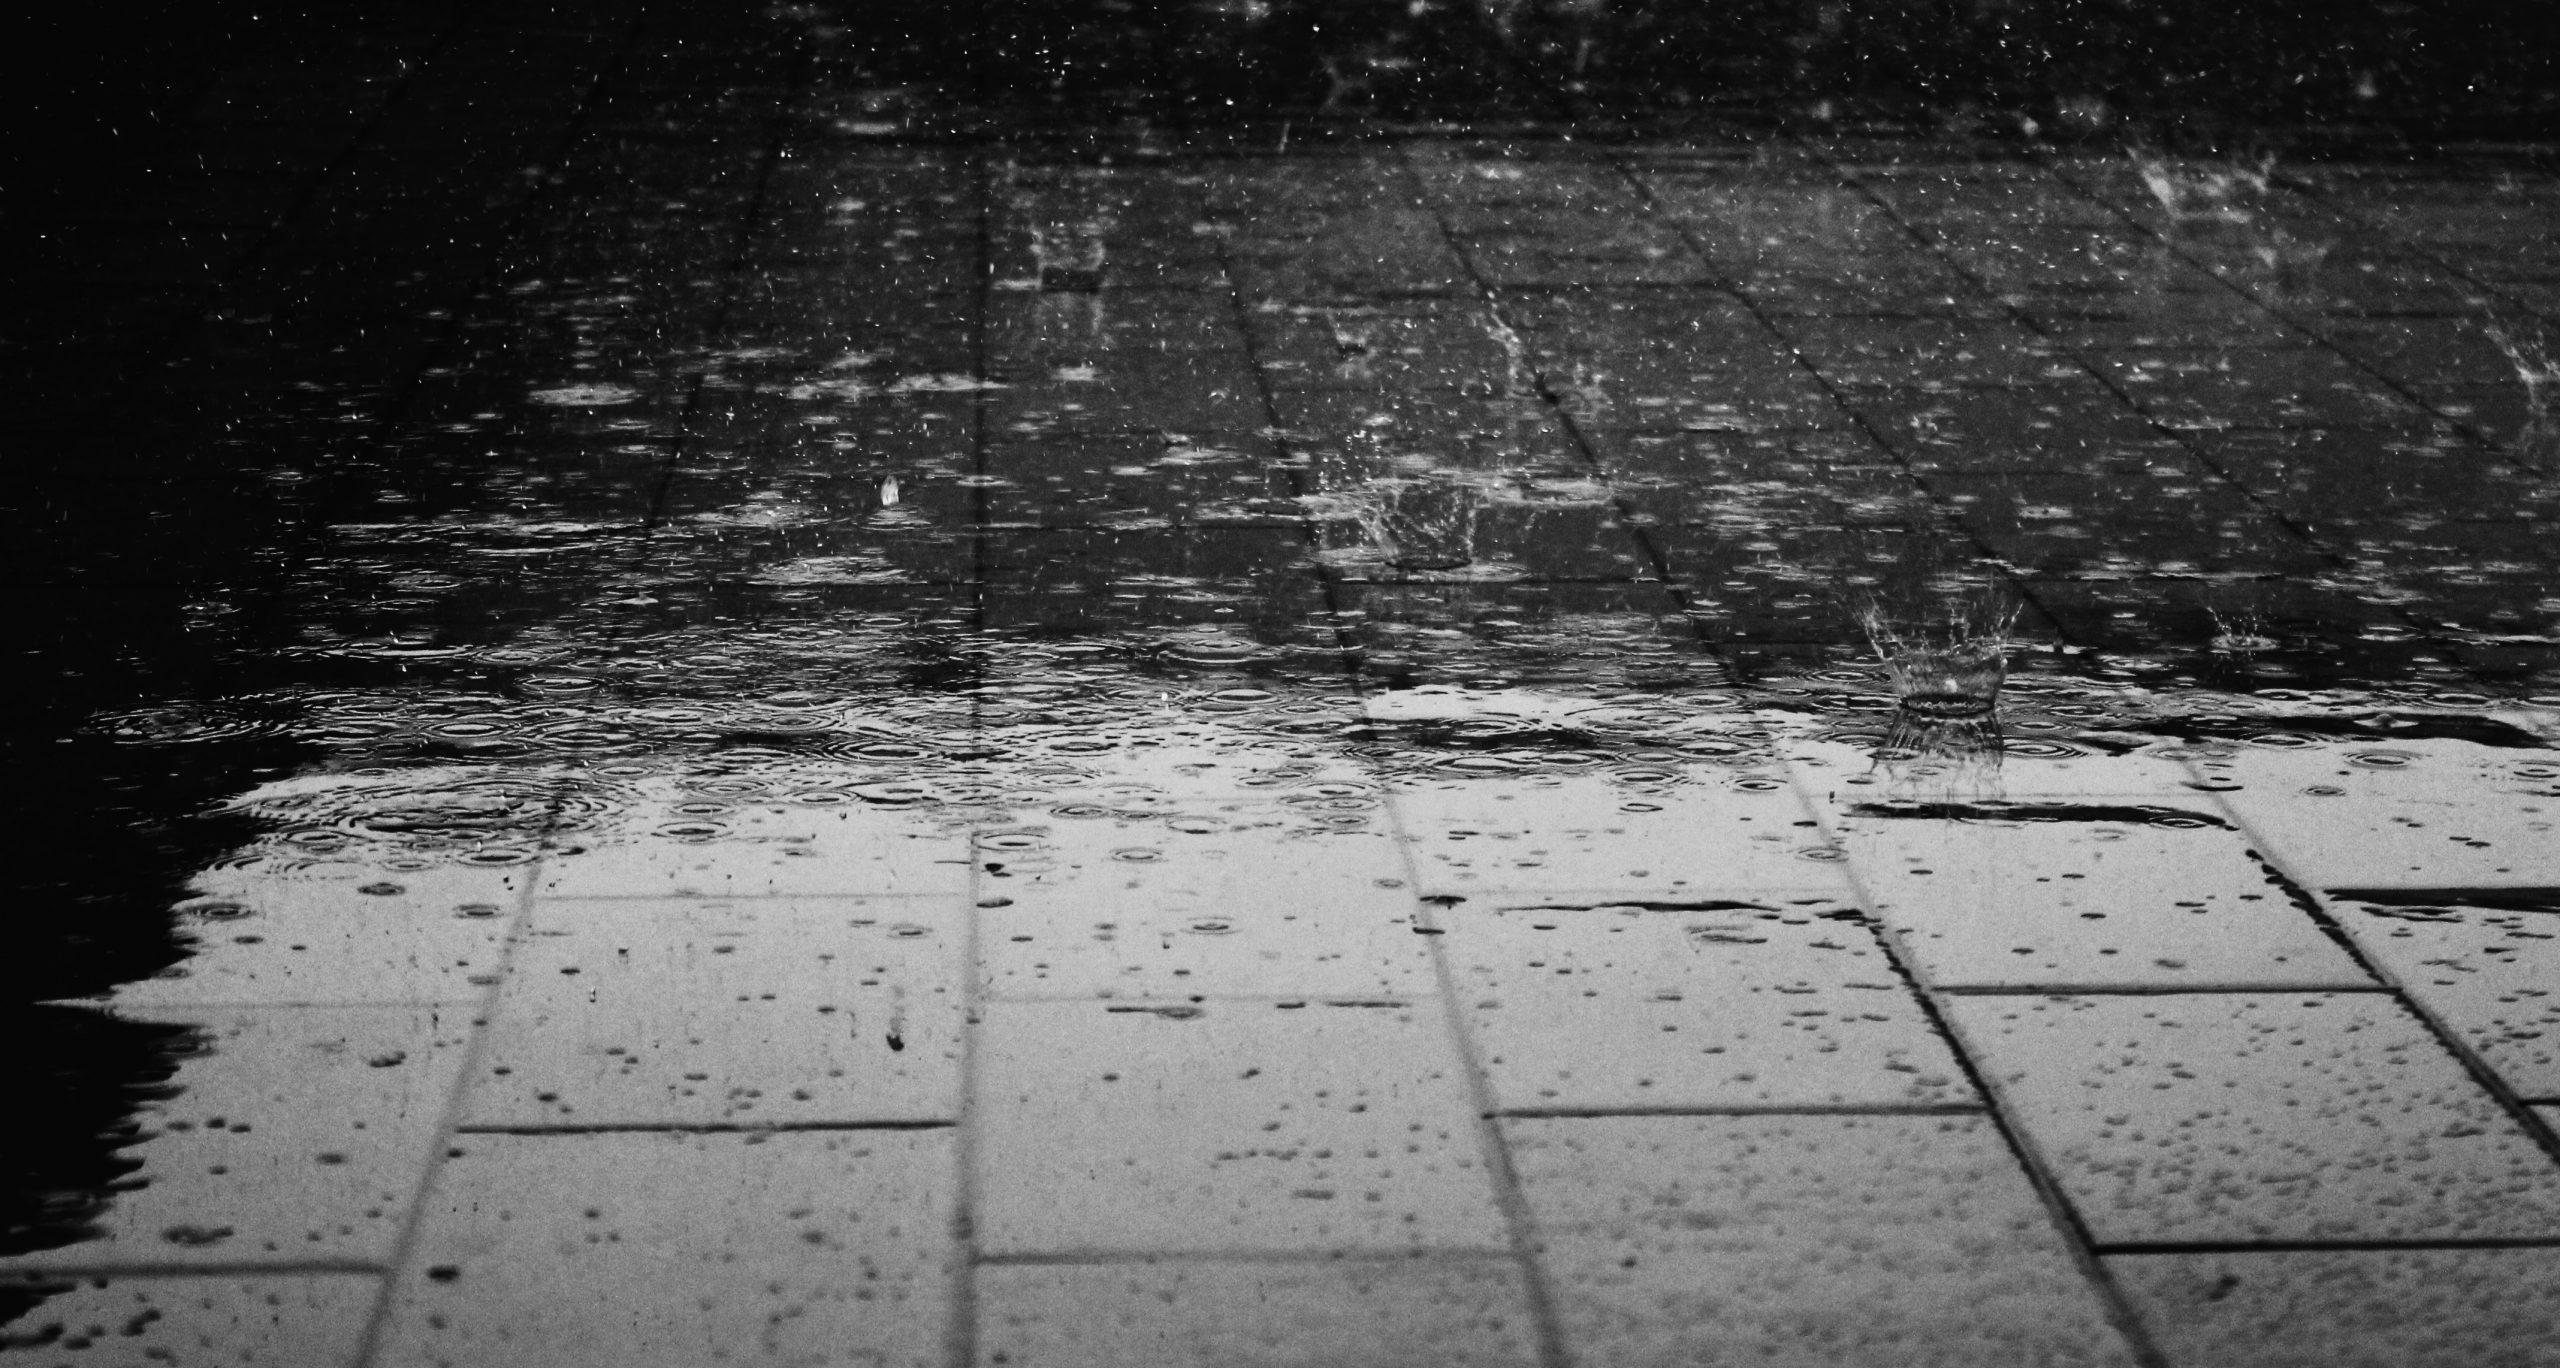 Wet floor safety